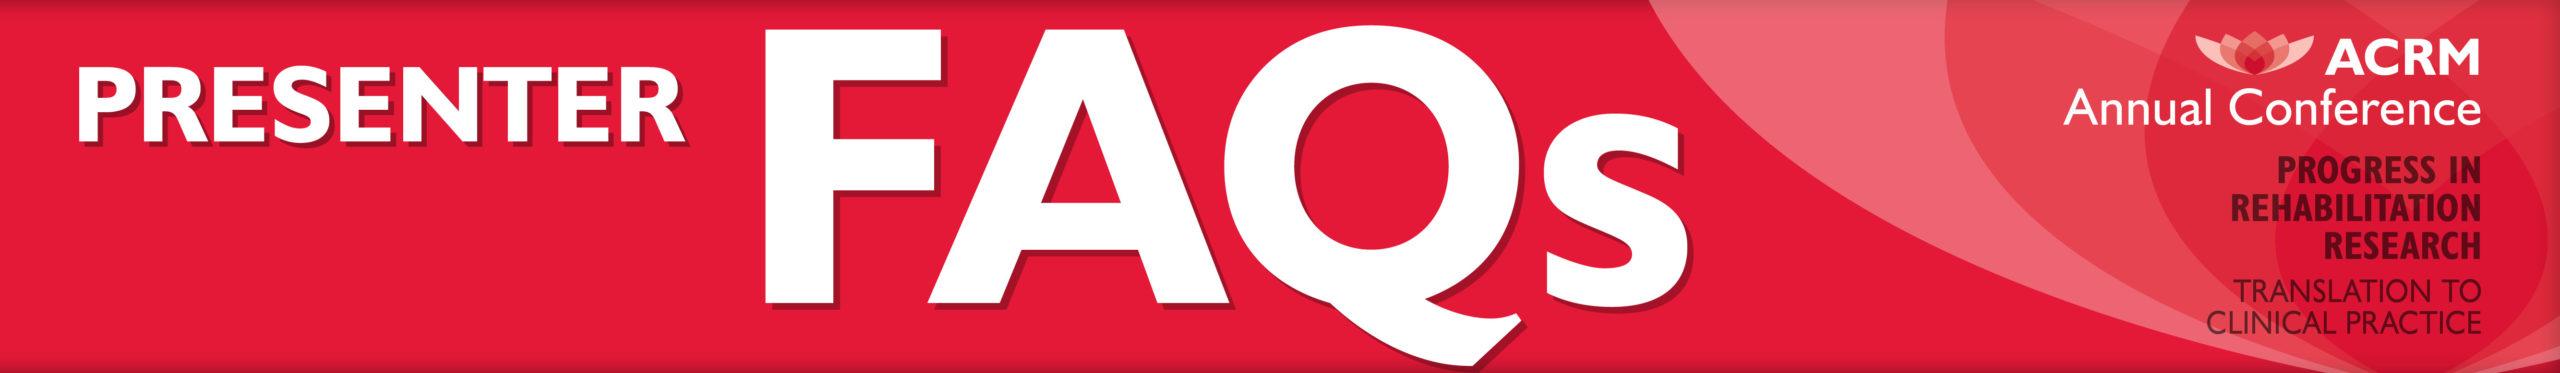 ACRM Annual Conference Presenter FAQ banner